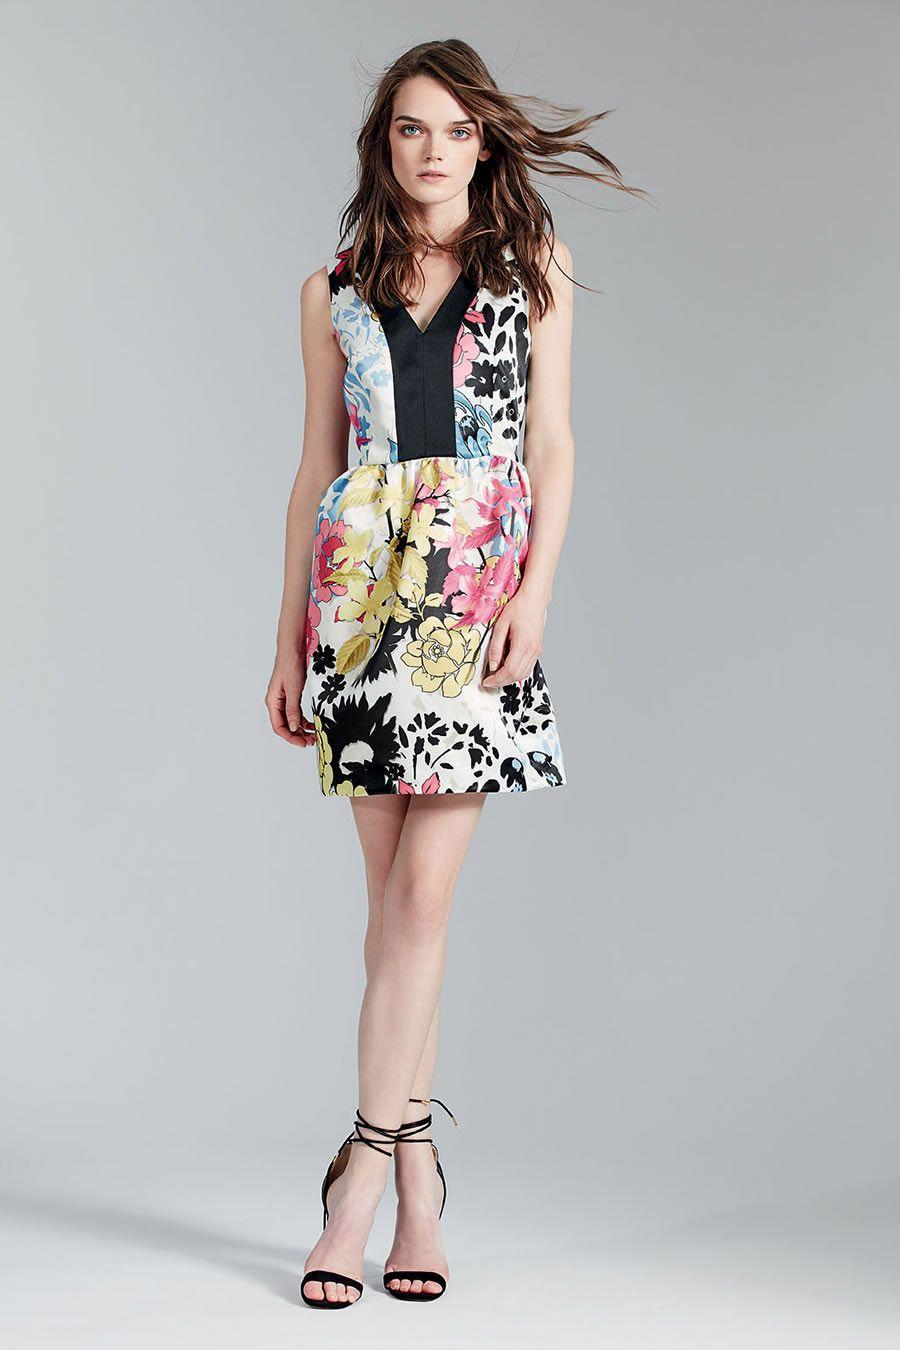 top fashion 1da69 a5246 Modell Isabella Andersson ANNARITA N Shop Online: collezione ...